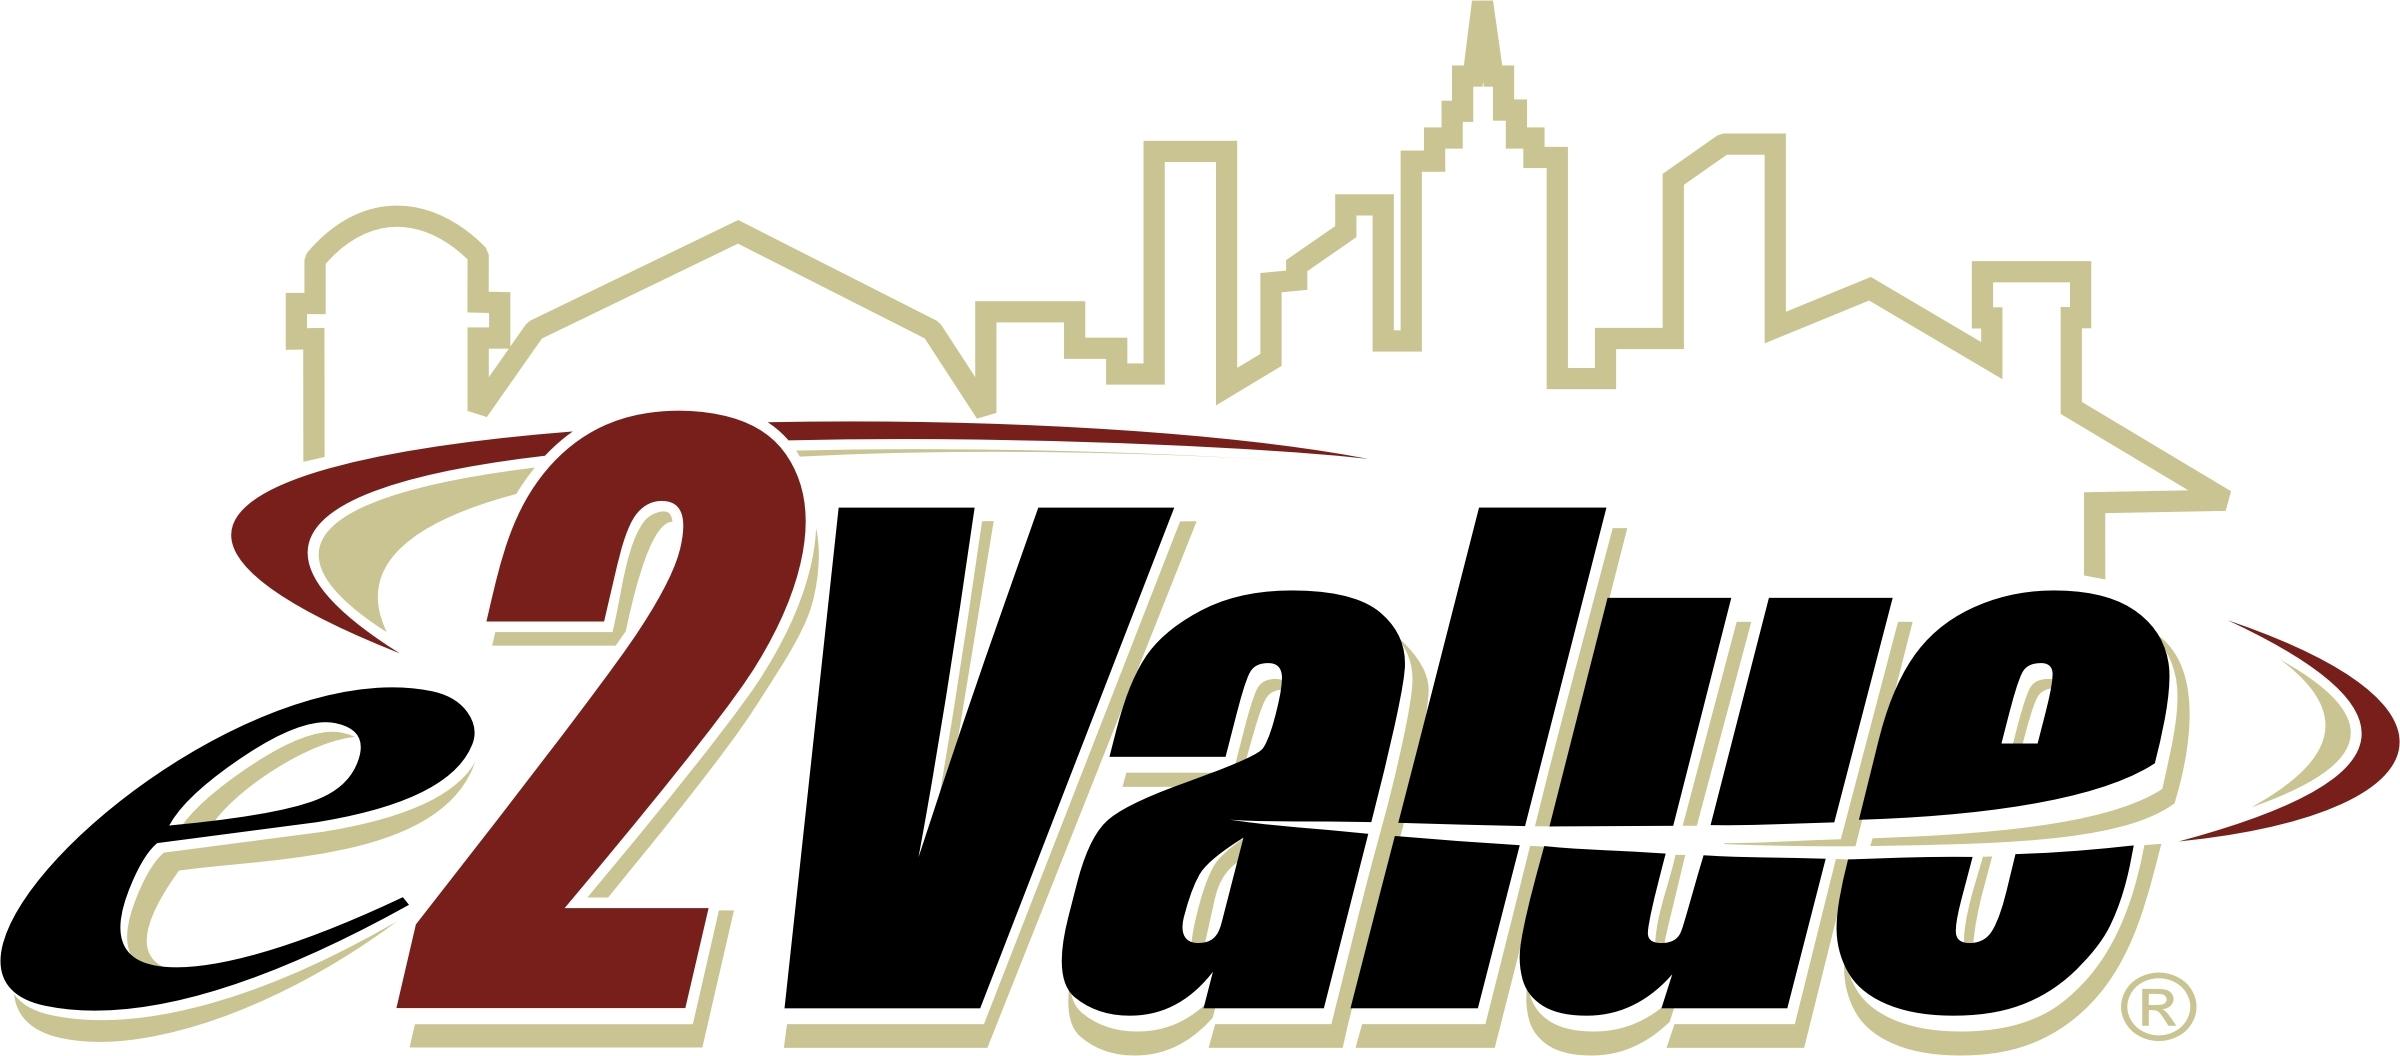 e2value logo